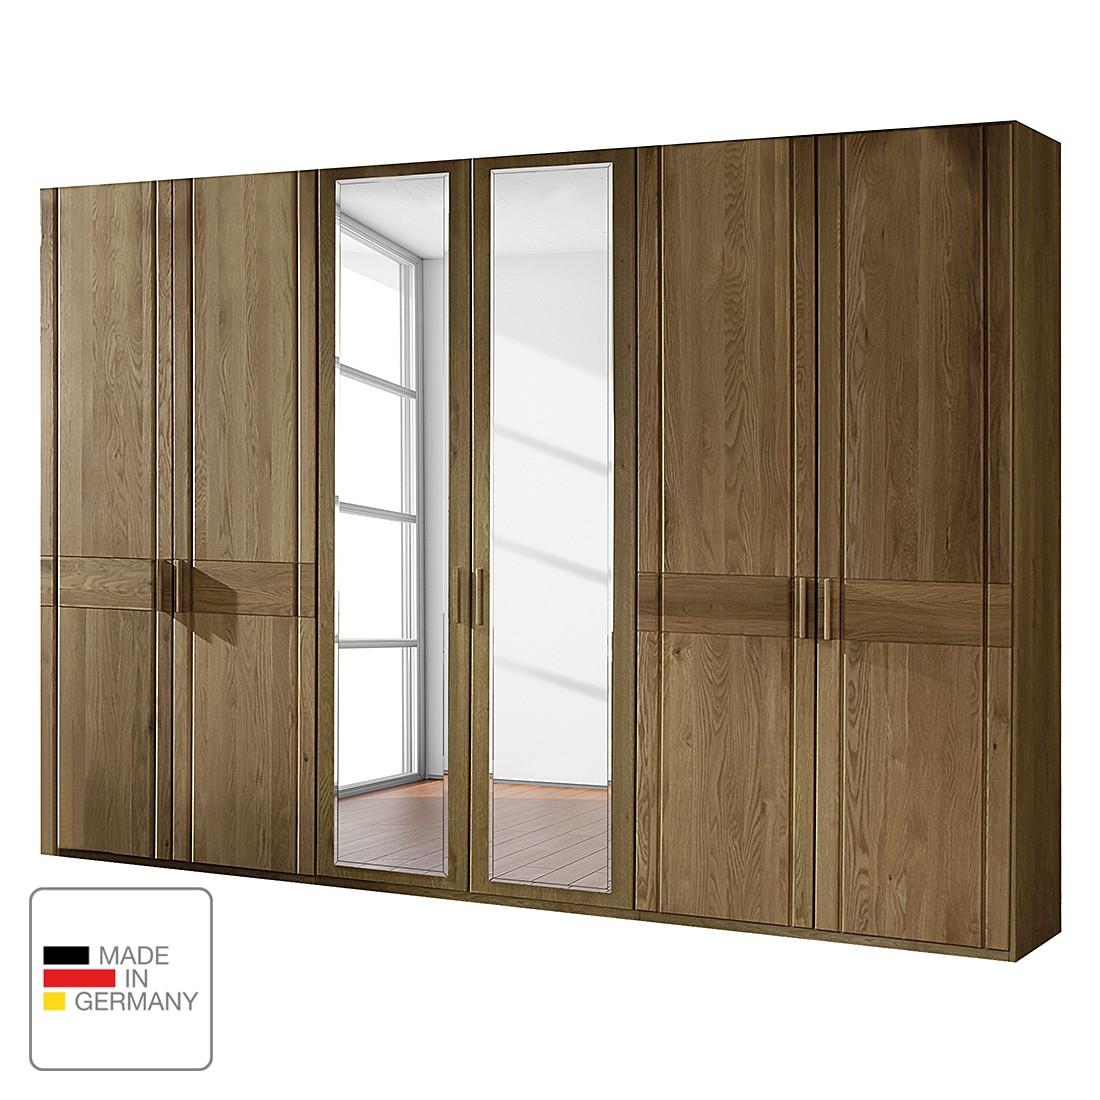 Draaideurkast Münster - deels massief eikenhout - Zonder verlichting - 250cm (5-deurs) - 3 spiegeldeuren - Zonder kroonlijst, Wiemann